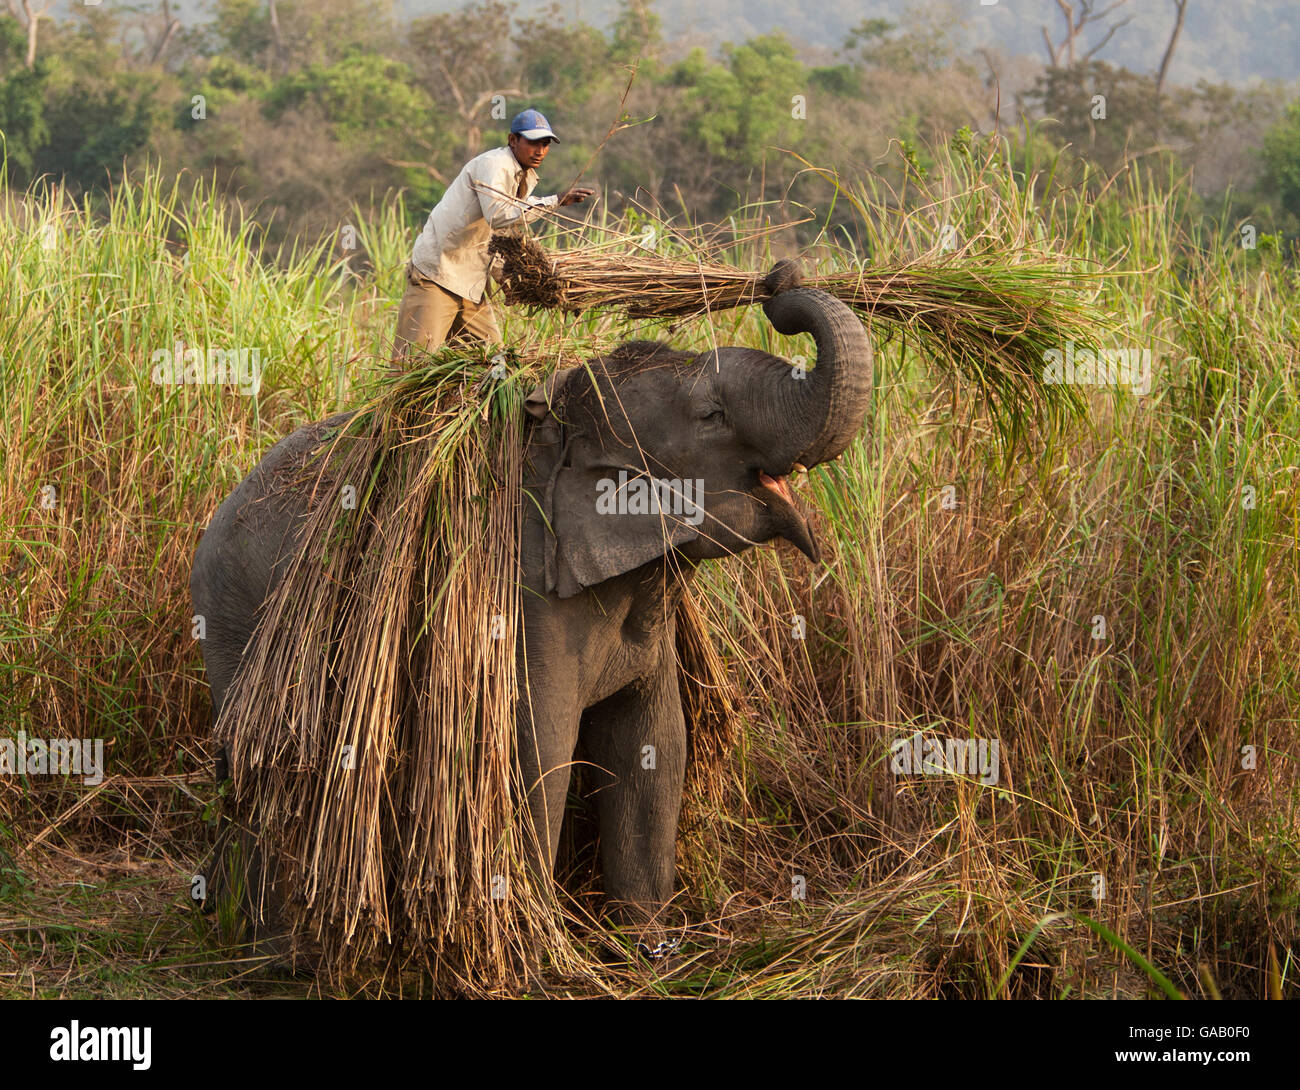 Asian elephant (Elephas maximus) domesticated elephant working, picking reeds, Kaziranga National Park, Assam, India, - Stock Image